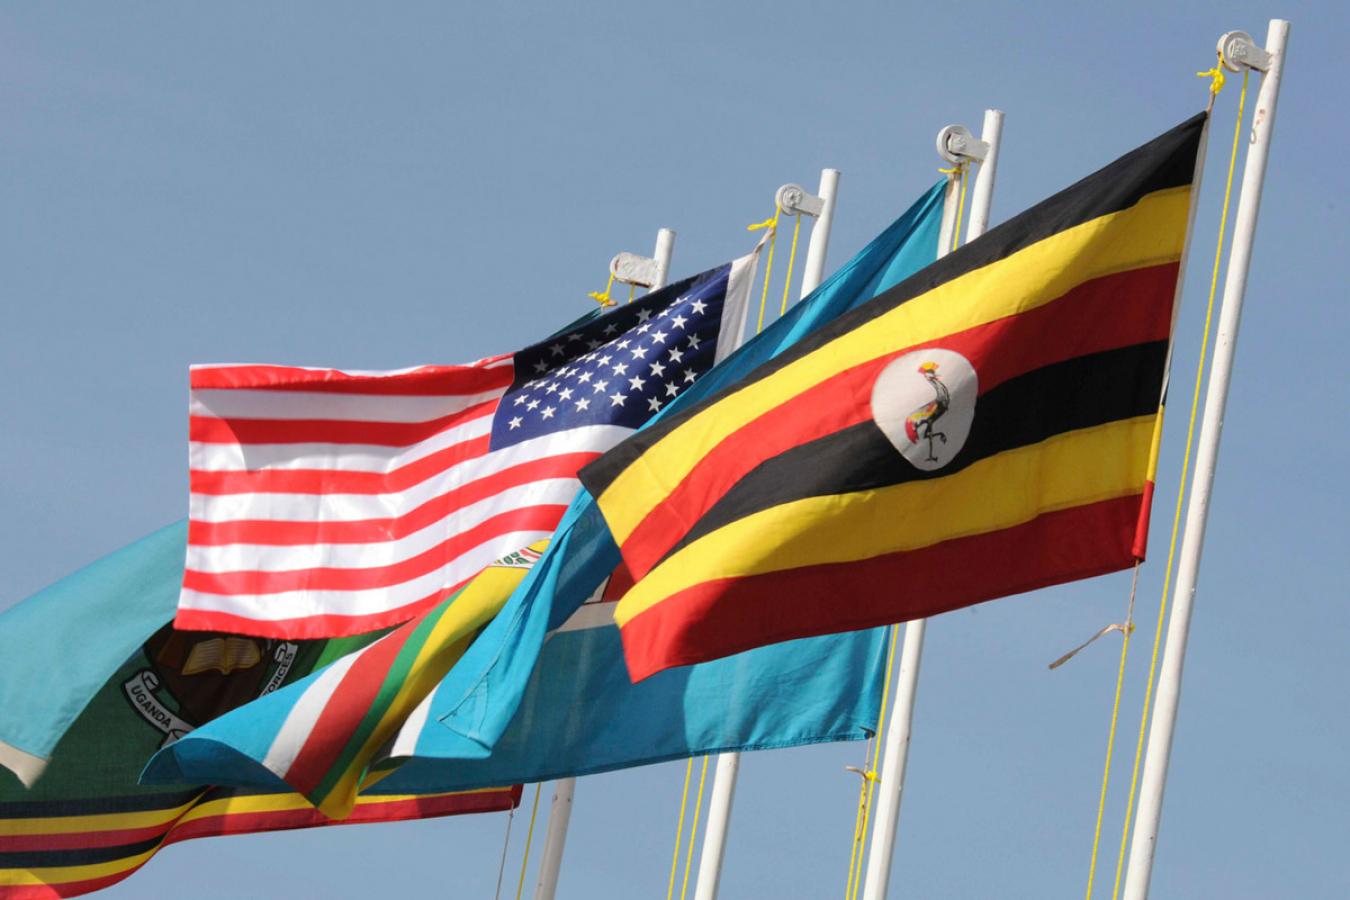 Uganda & US Flags